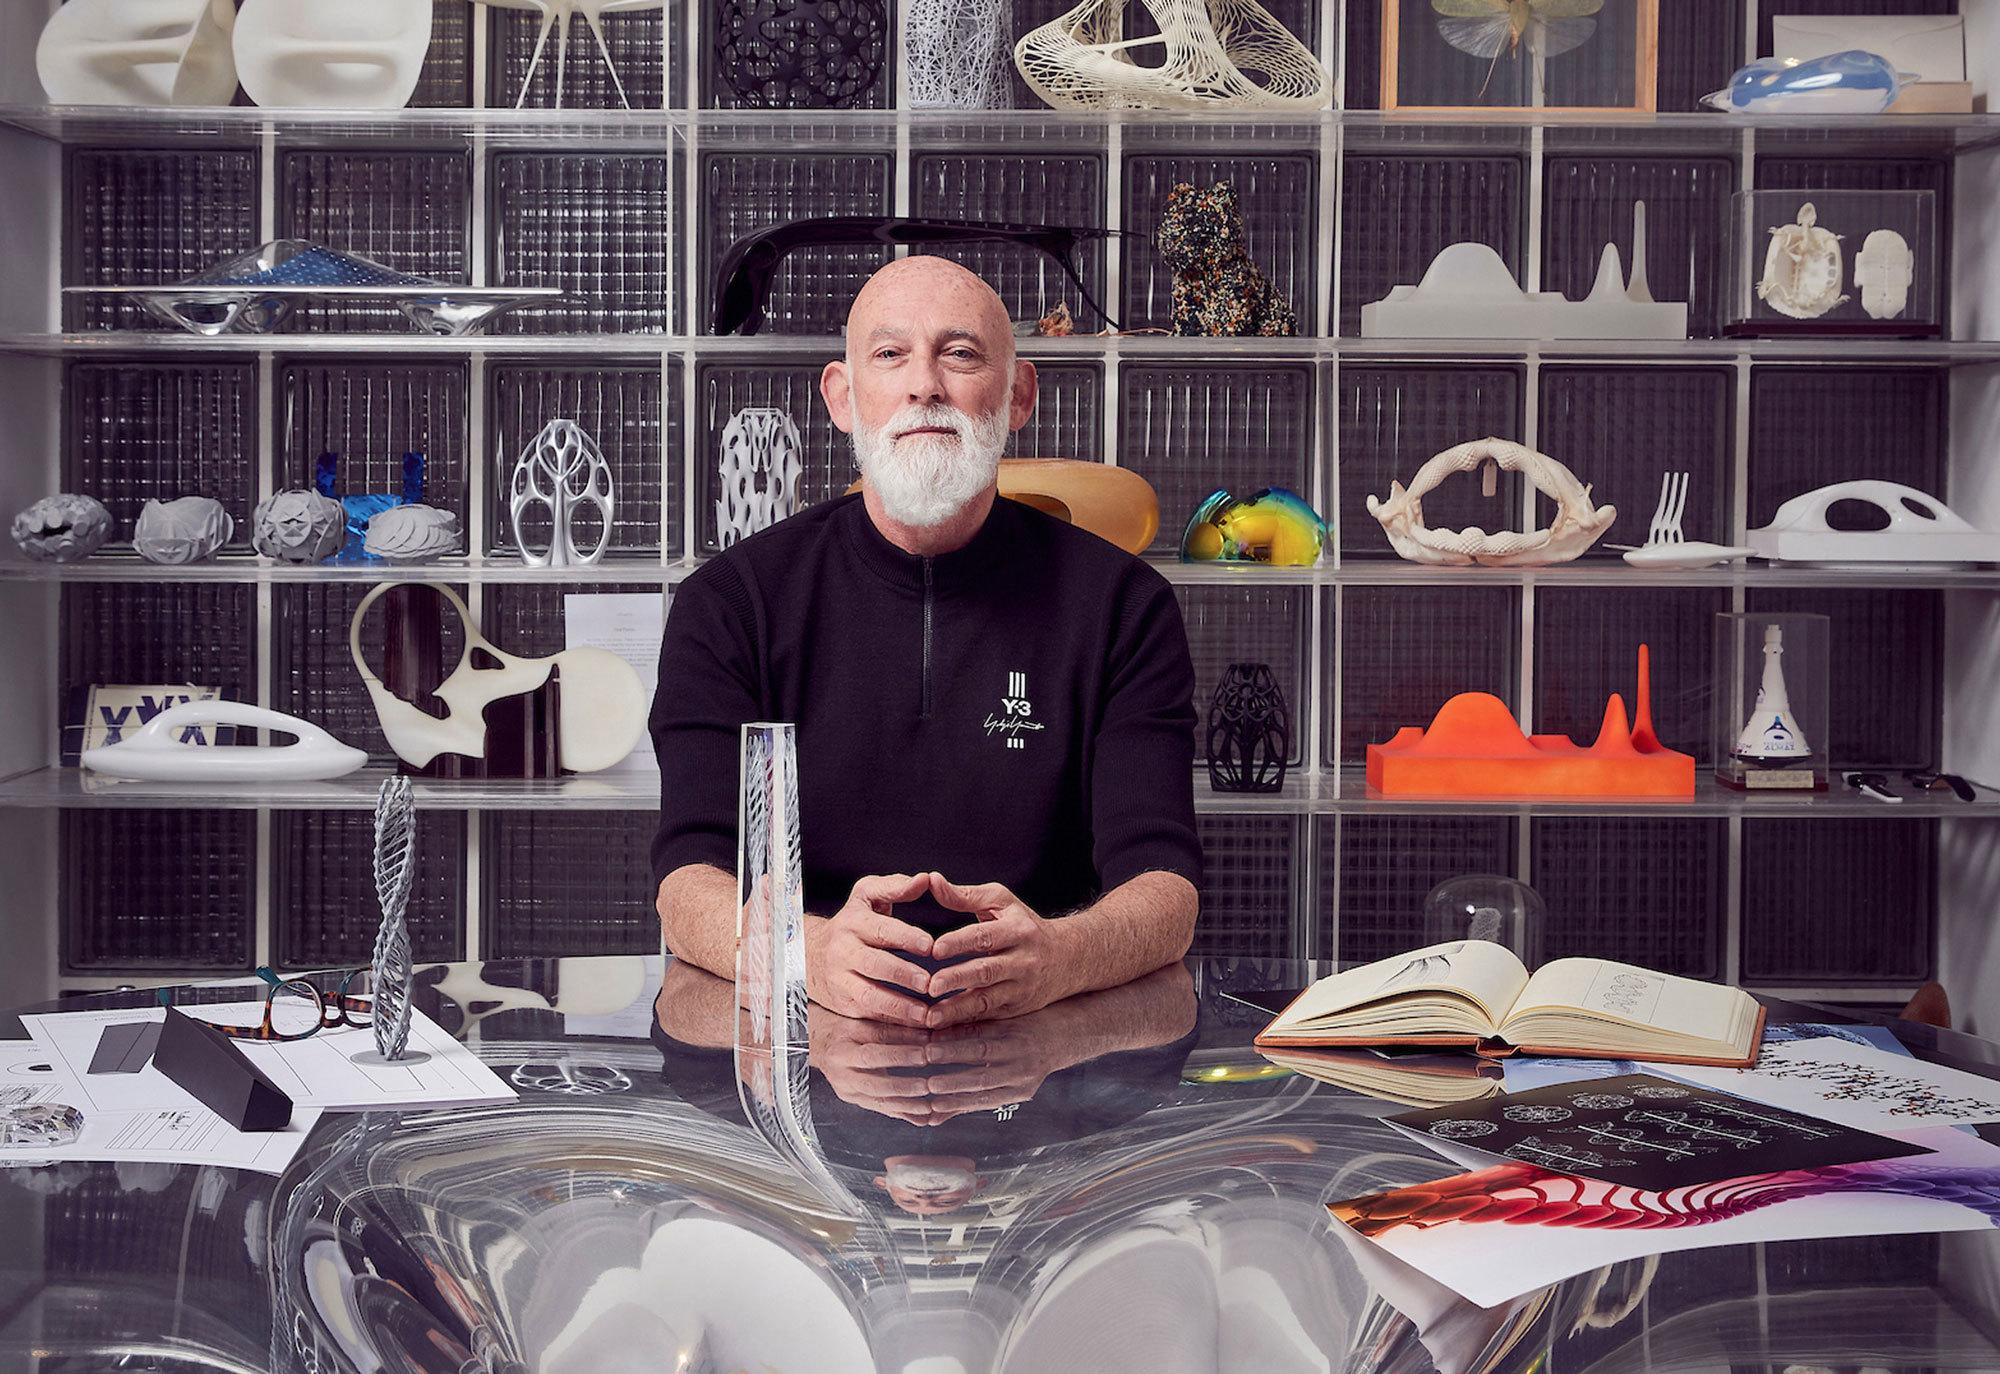 Im vergangenen Jahr hat Swarovski Ross Lovegrove mit der Gestaltung der Kristalltrophäe für die Fashion Awards 2019 in London beauftragt. Foto: Mark Cocksedge